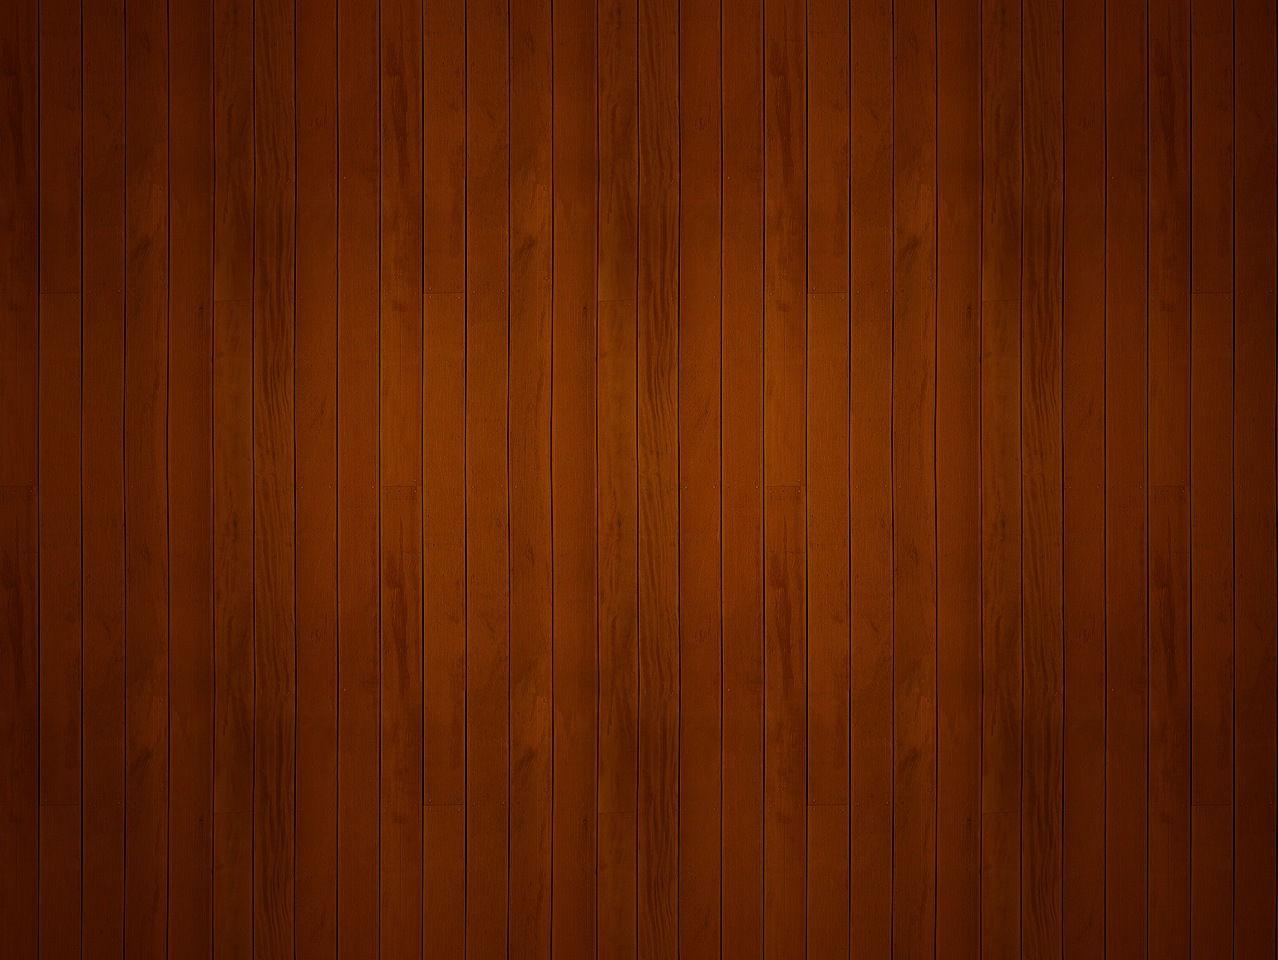 wooden background-medium.jpg